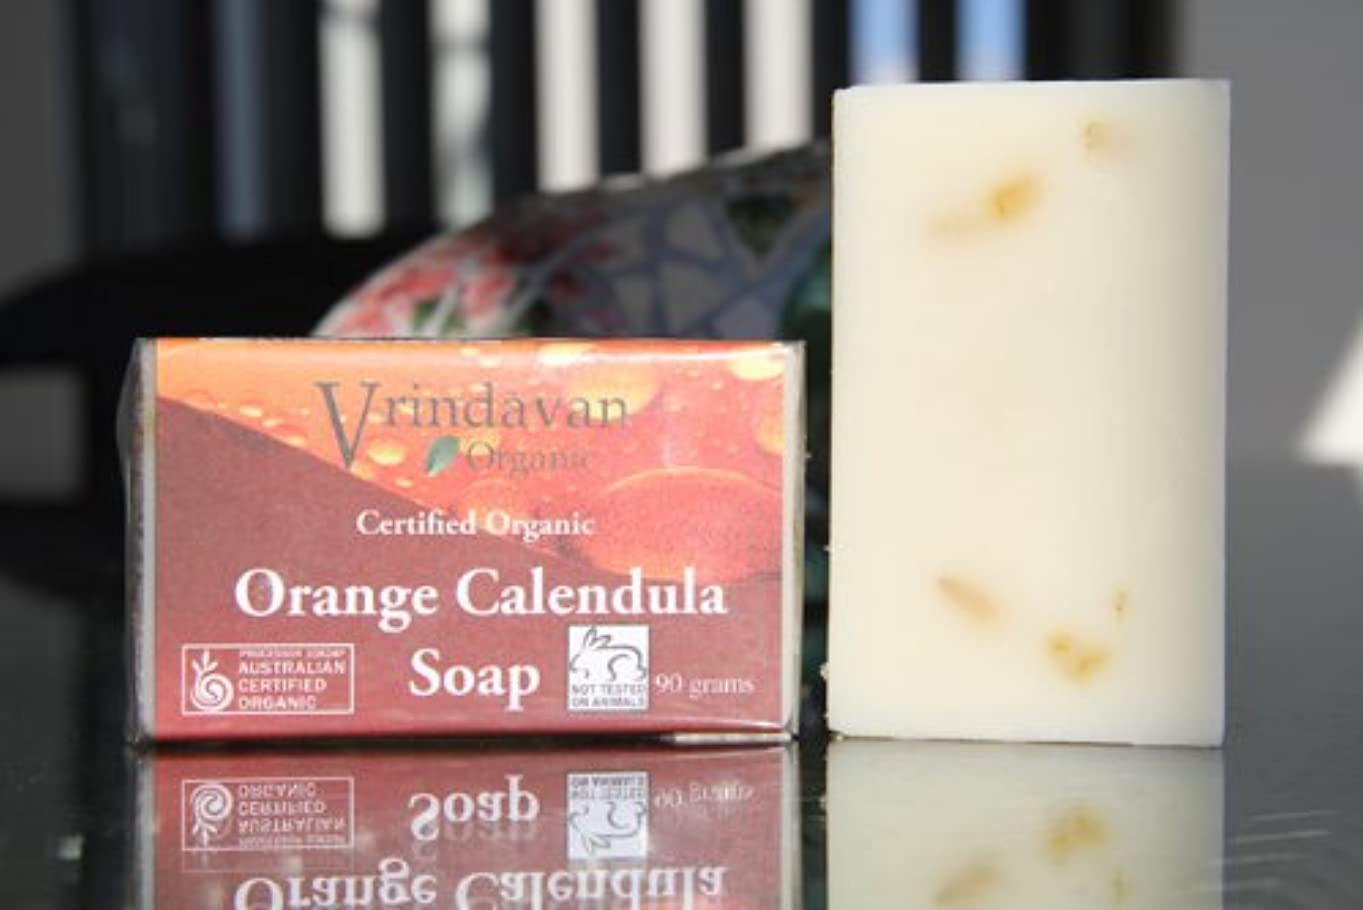 フライトユーザーチロヴリンダバン オーガニックソープ No.3 Orange Calendula